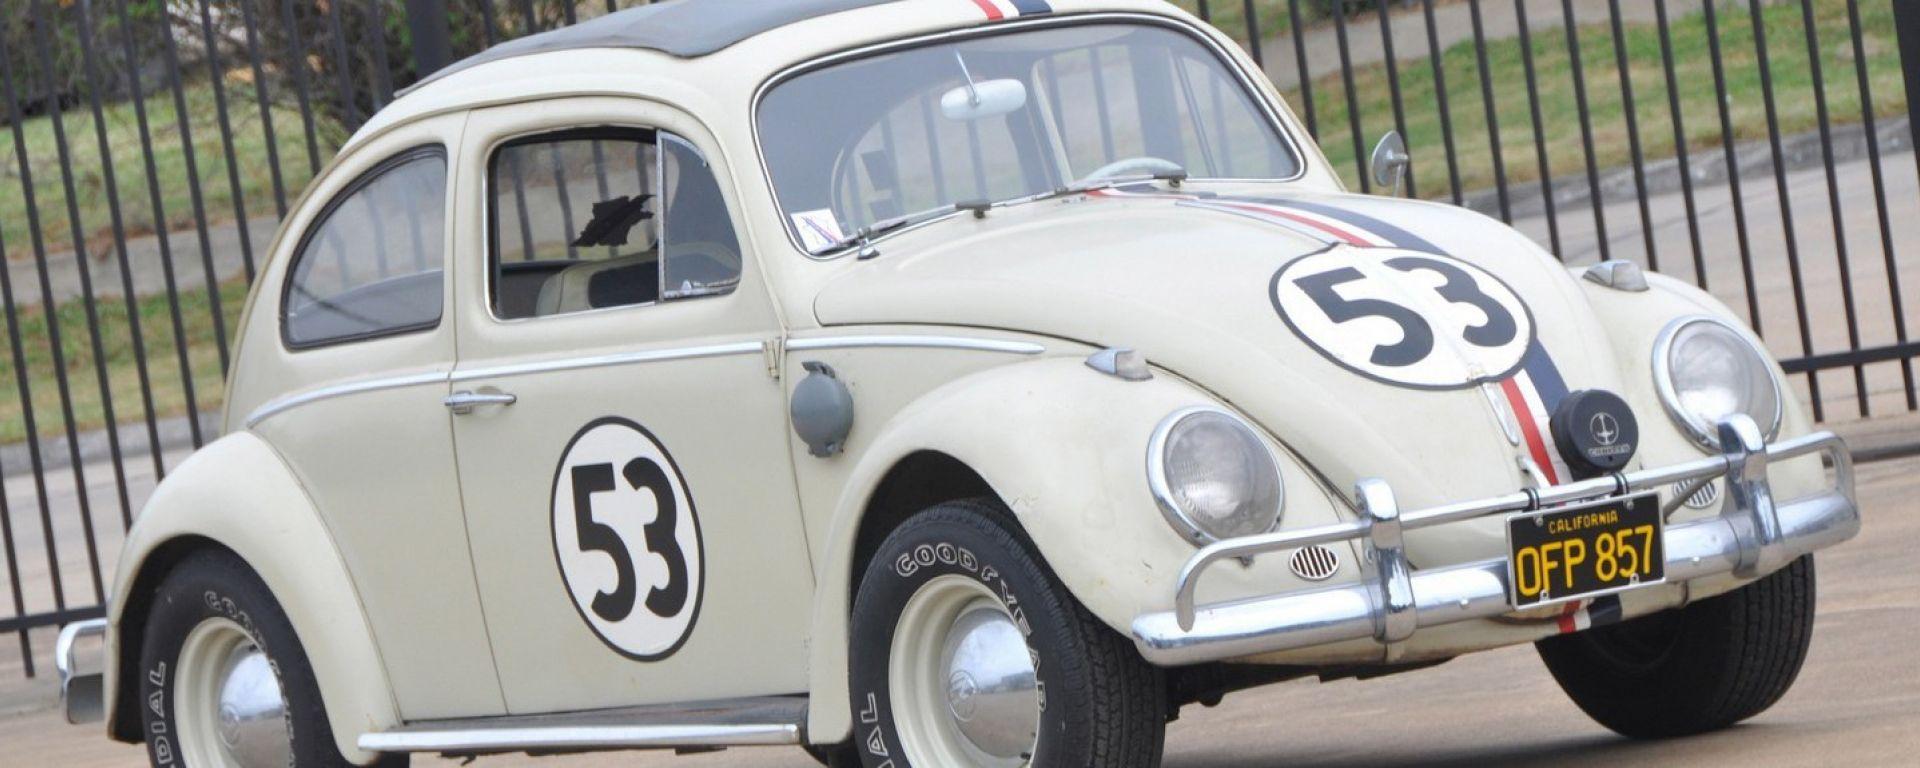 Herbie venduto all'asta a 86.250 dollari